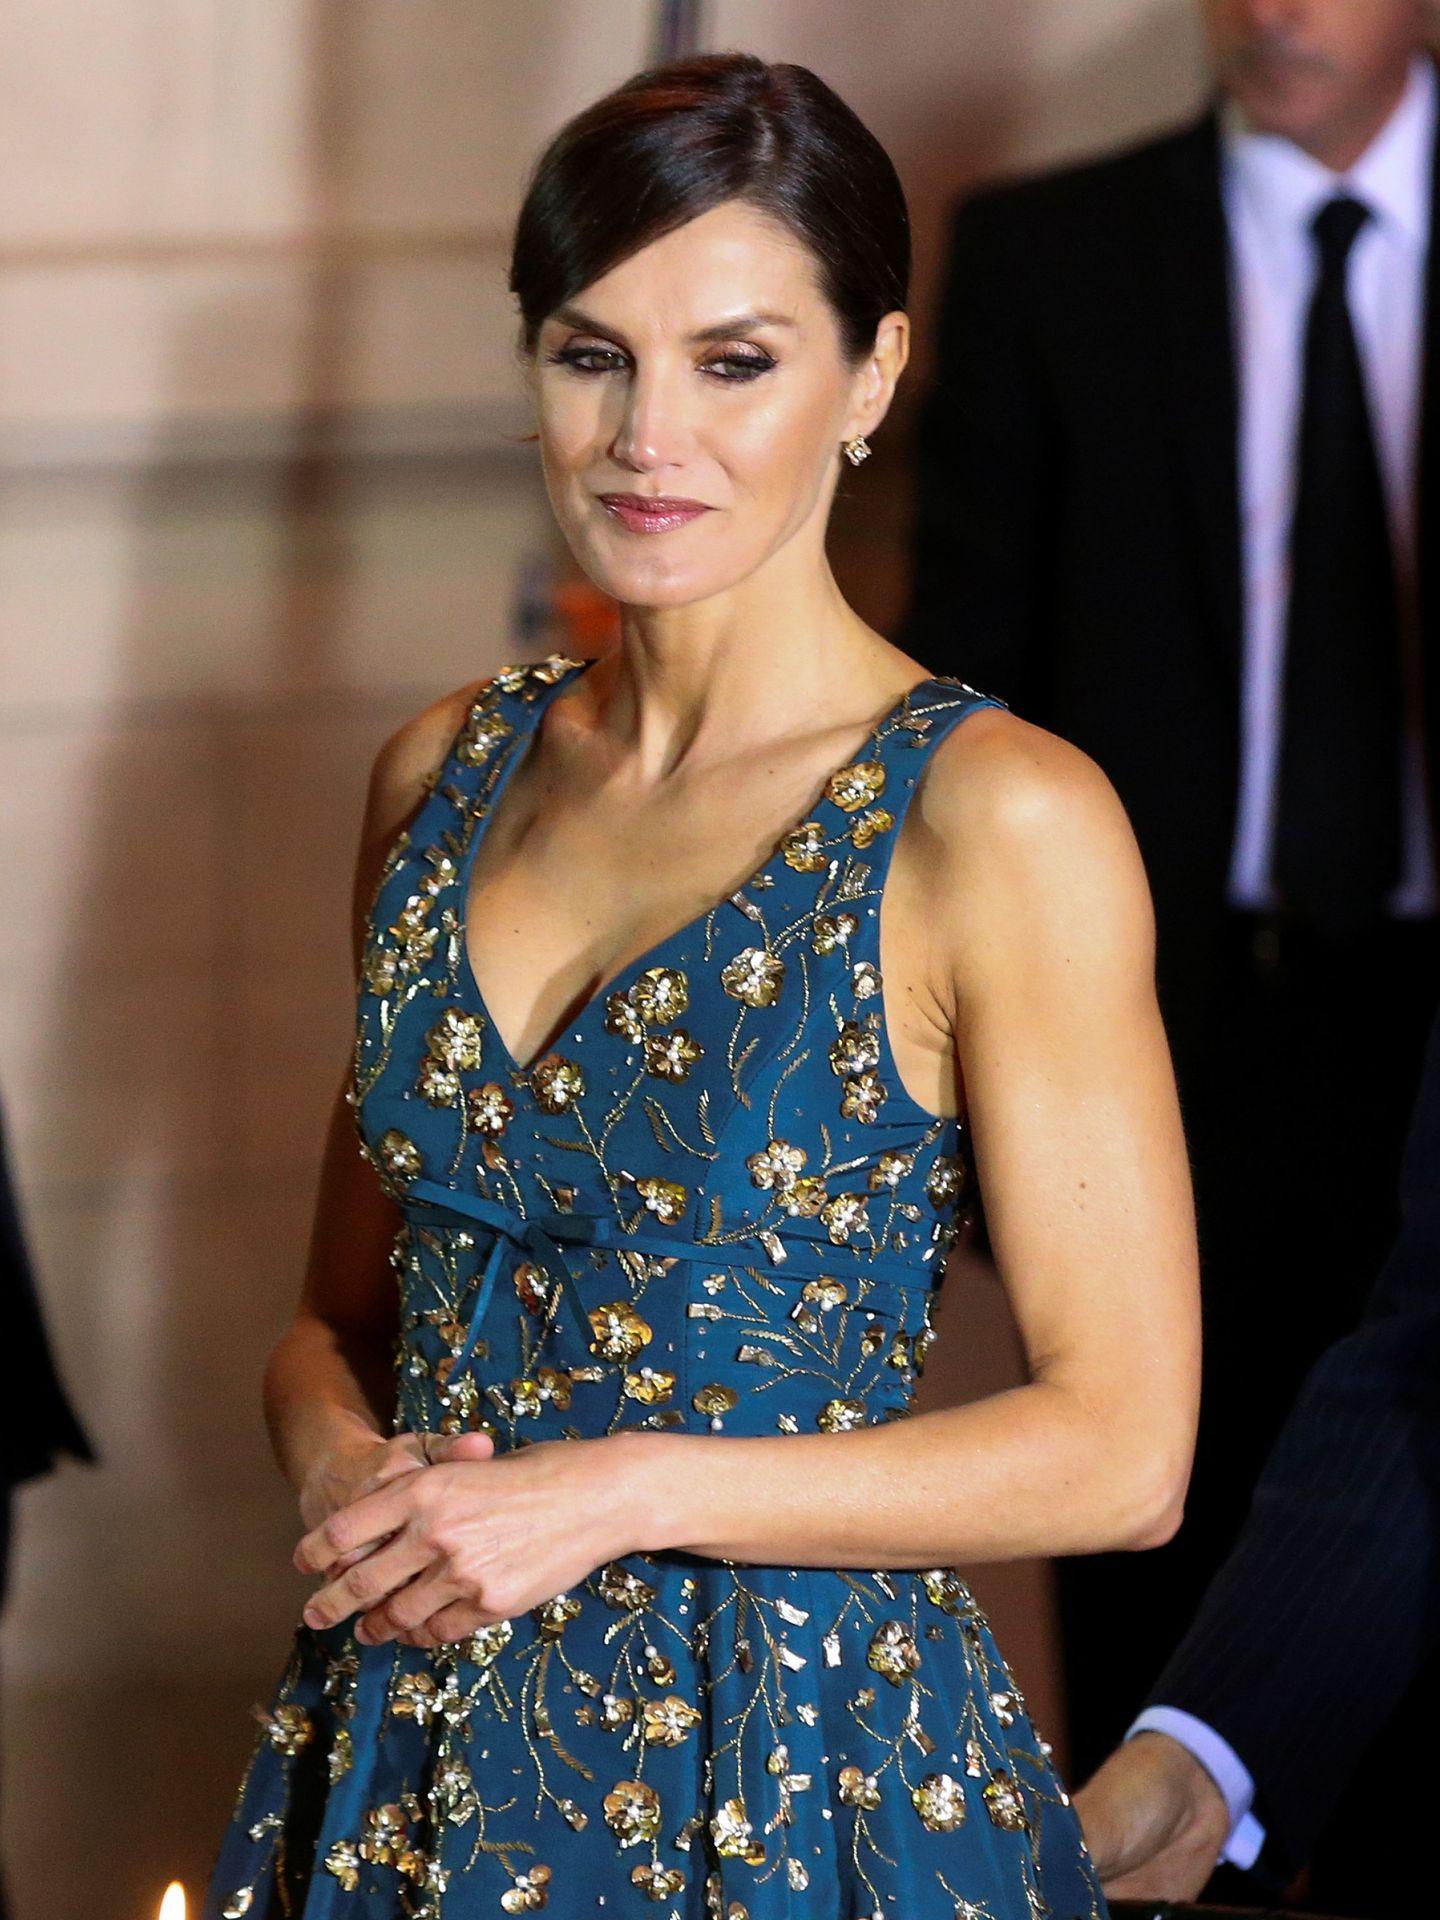 La reina Letizia con el impresionante vestido de flores doradas bordadas en Argentina. (Reuters)